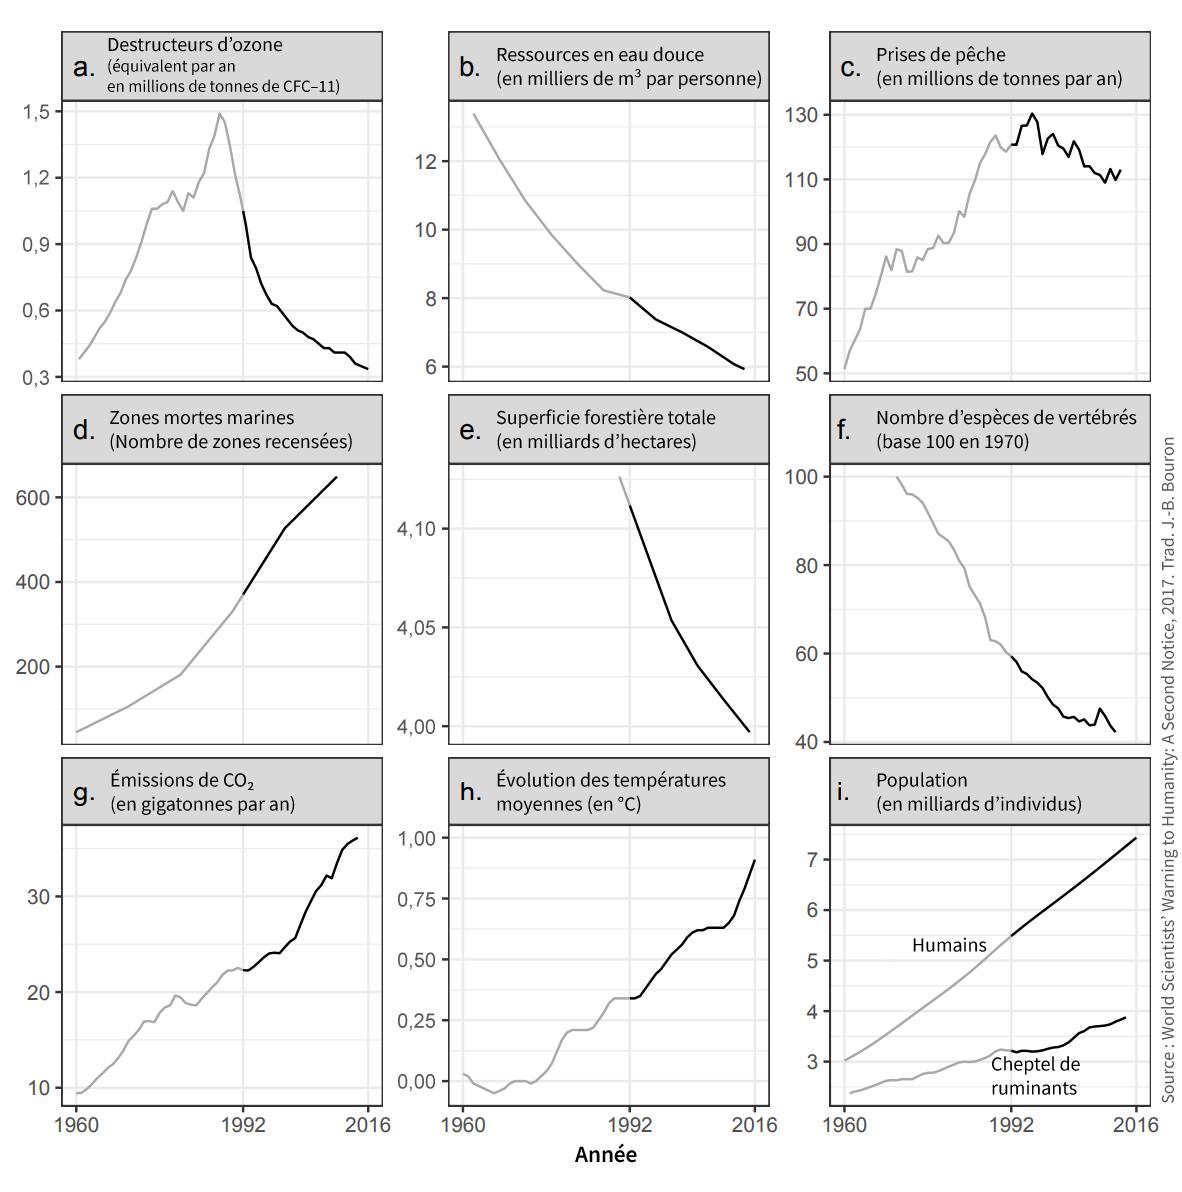 9 graphiques des dégradations environnementales mondiales